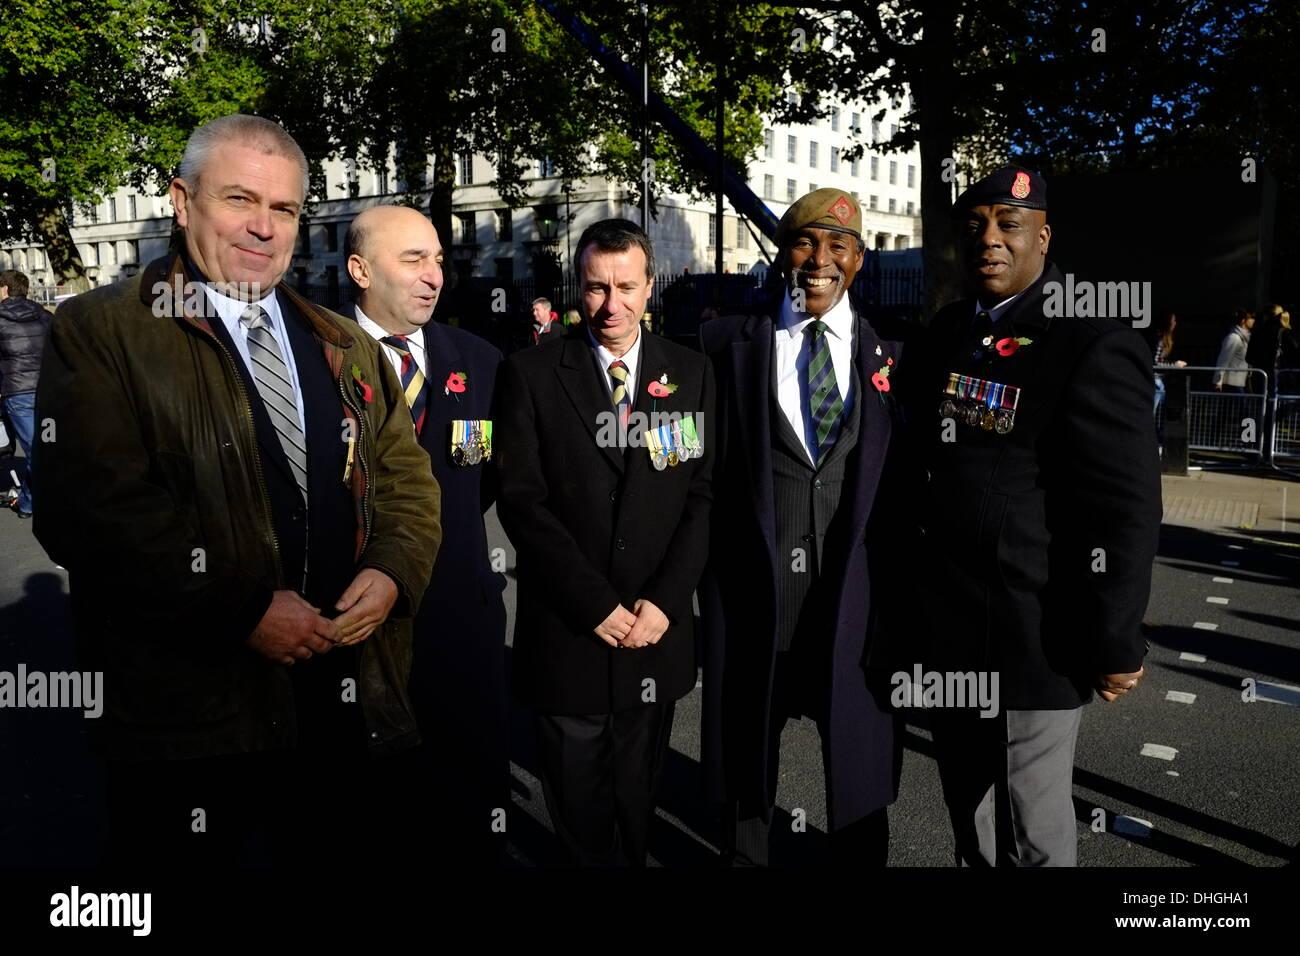 Rencontrez des militaires ex avec de vieux camarades Photo Stock